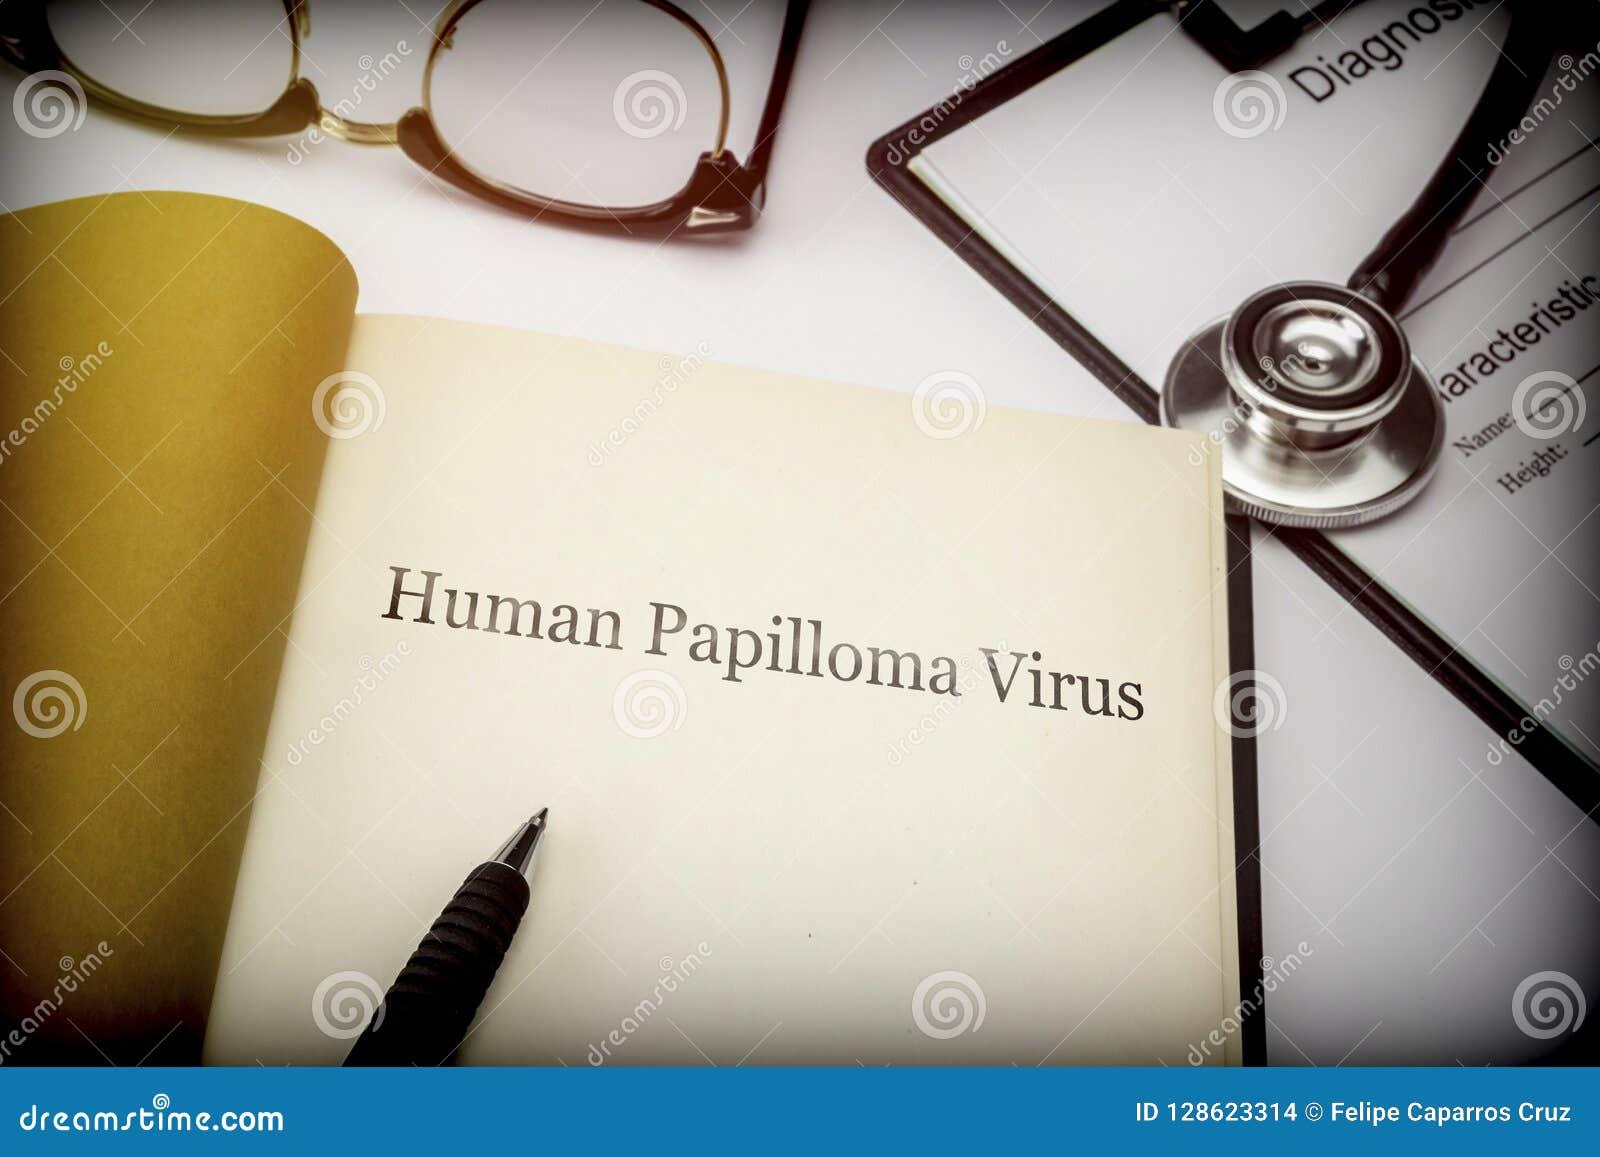 papilloma vírus metamedicina